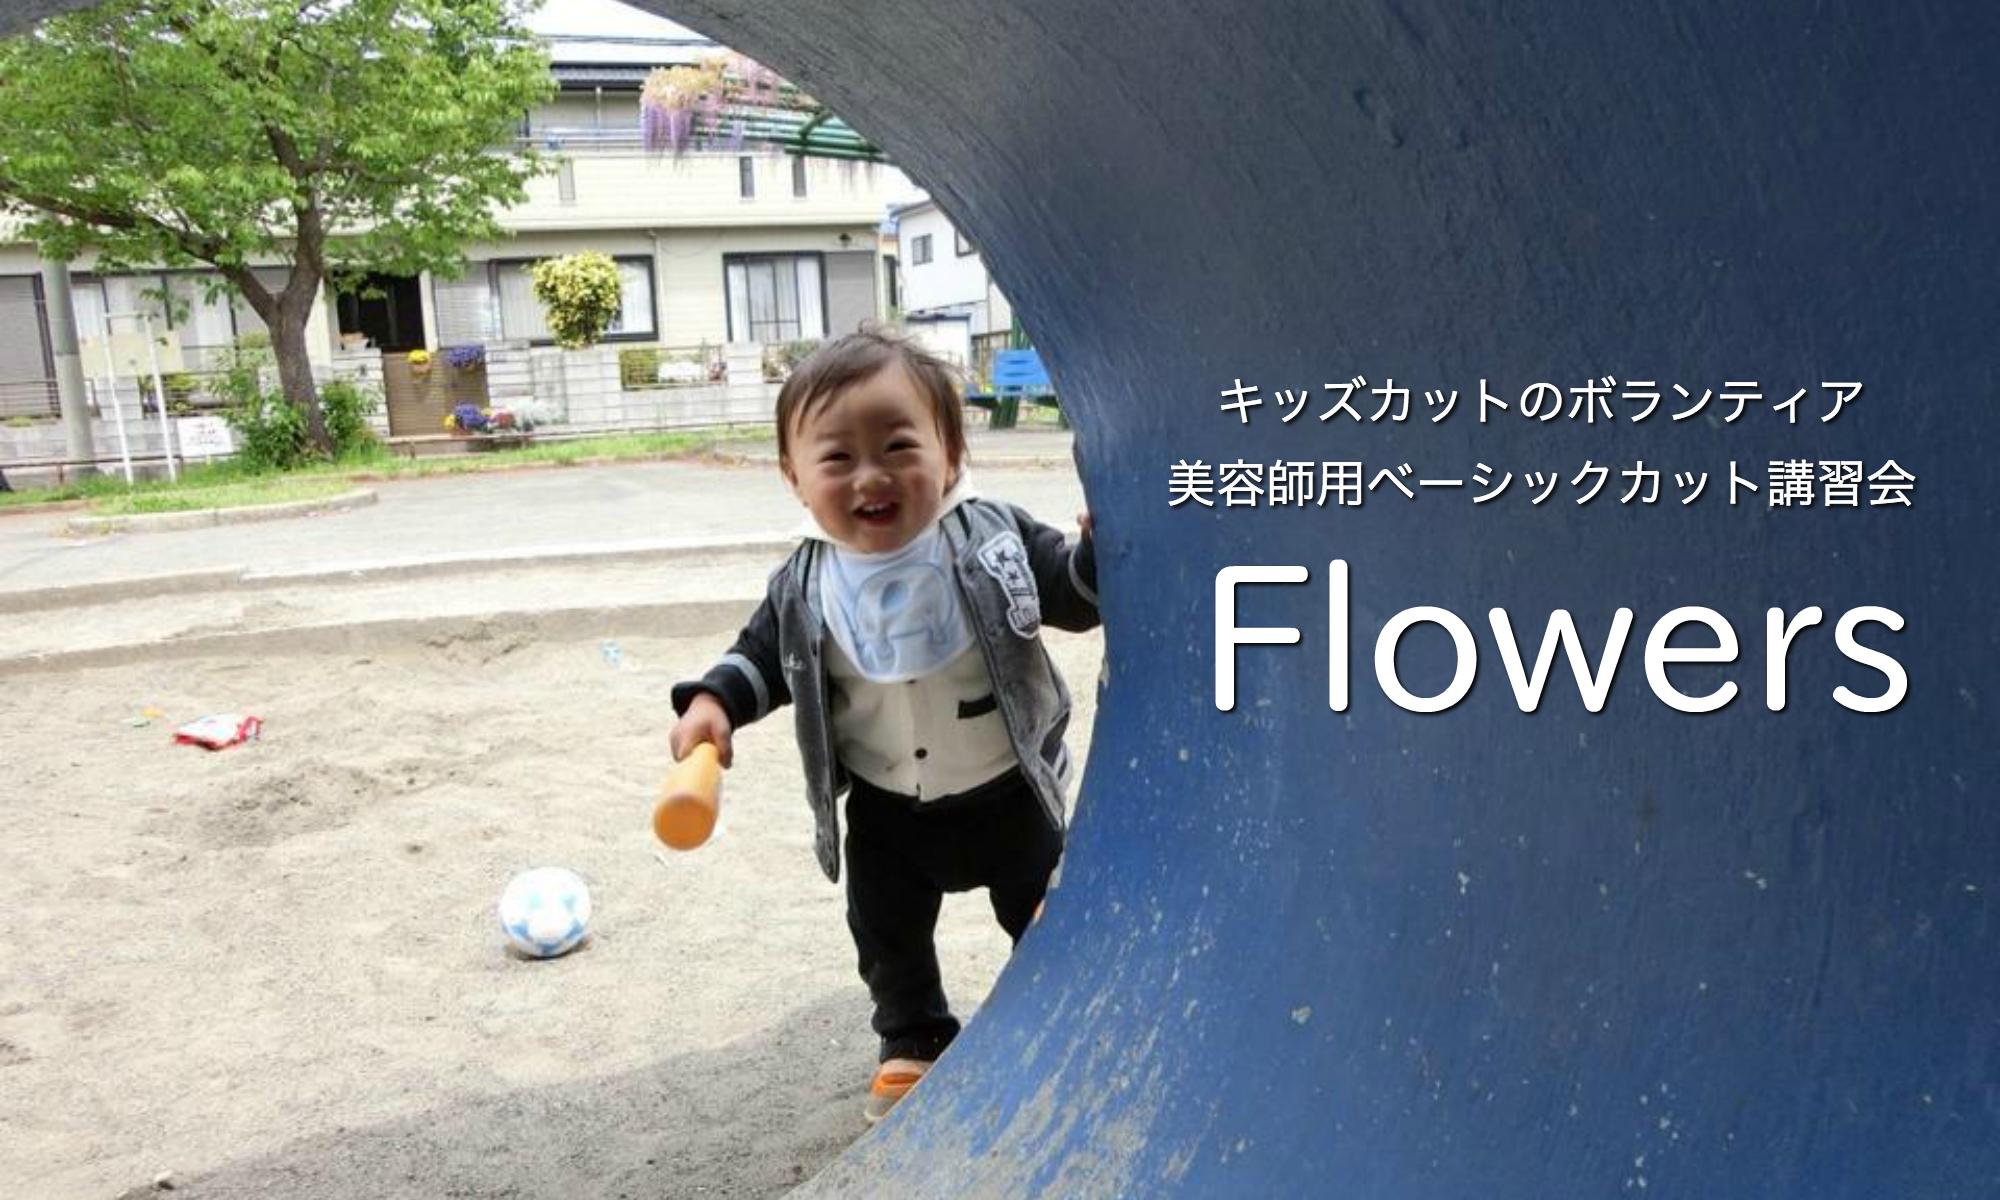 キッズカット Flowers